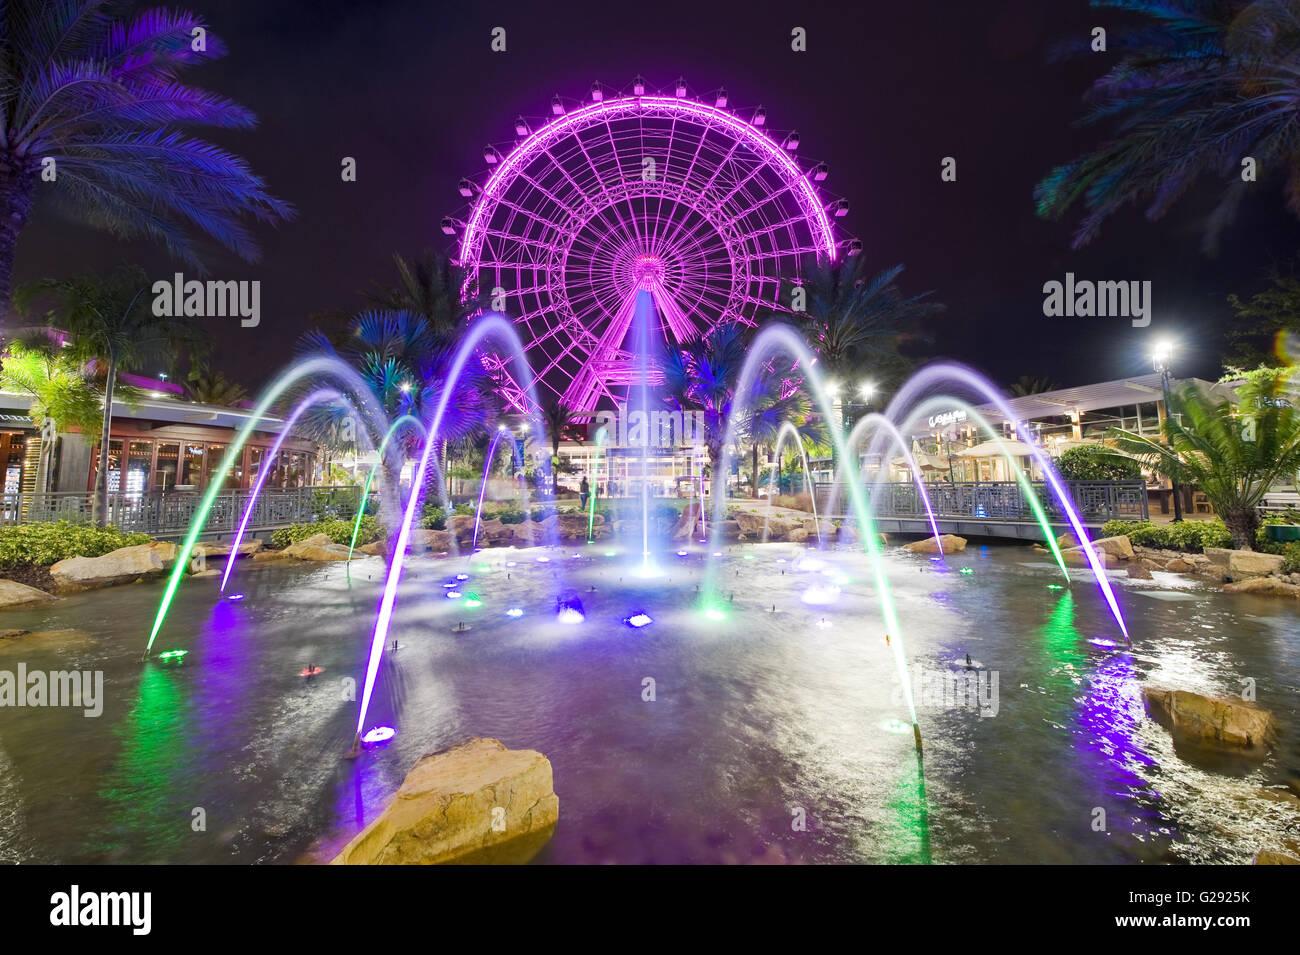 L'Œil d'Orlando est une grande roue de 400 mètres de hauteur au coeur d'Orlando et de la plus grande roue panoramique sur la côte est Banque D'Images